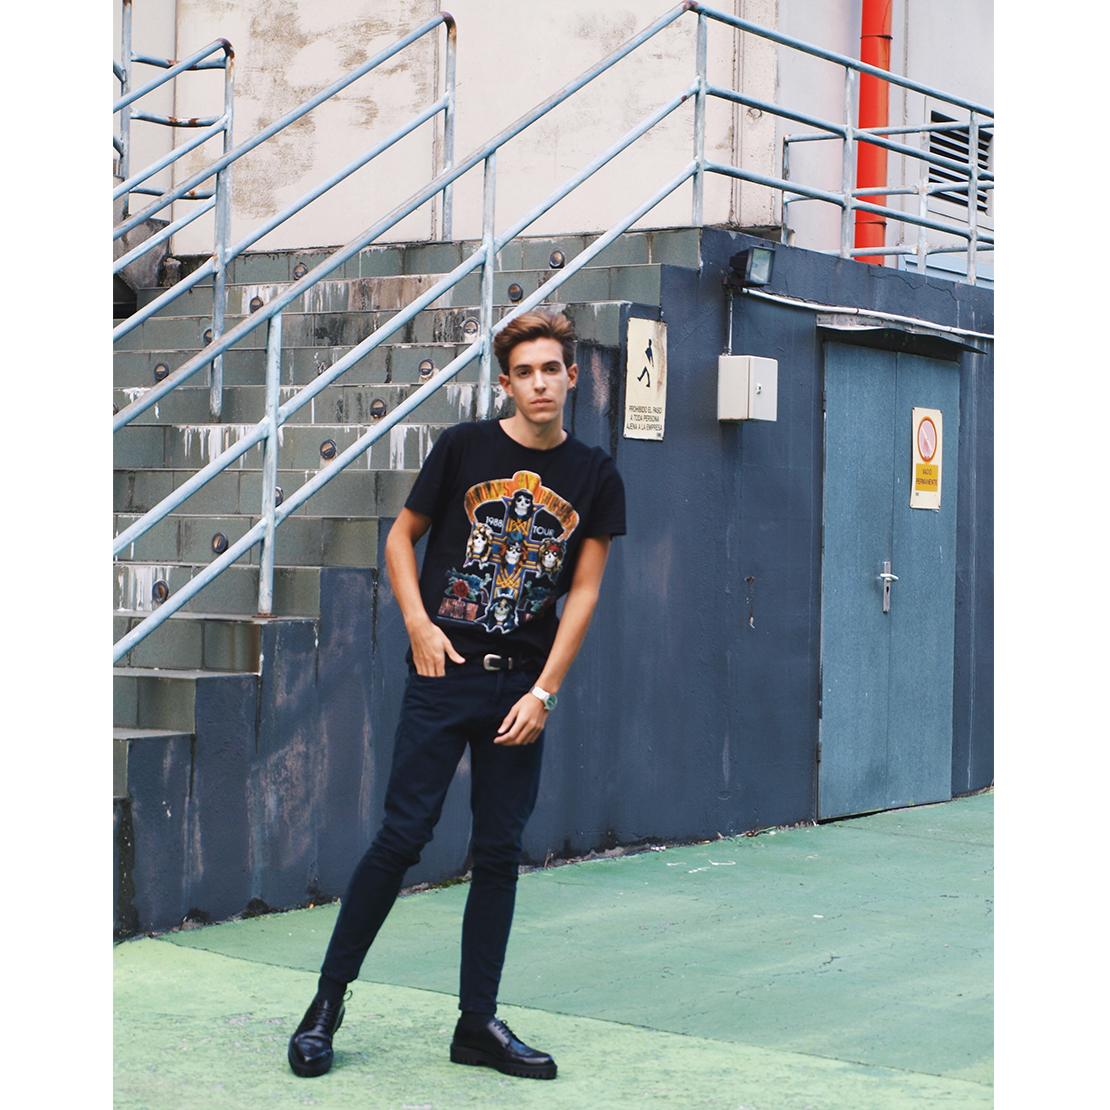 gunsroses-tshirt-coastalandco-blog-blogger-hendaye-westernbelt-platformshoes-skinny